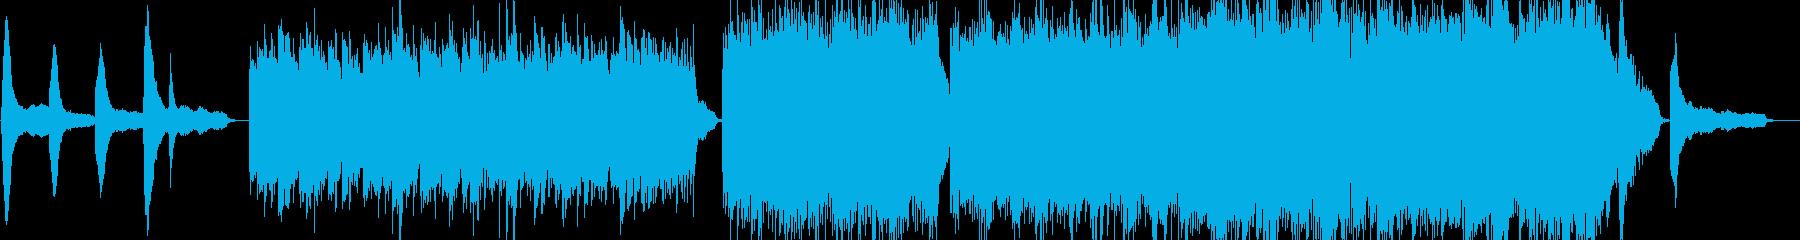 企業VP4 16bit48kHzVerの再生済みの波形